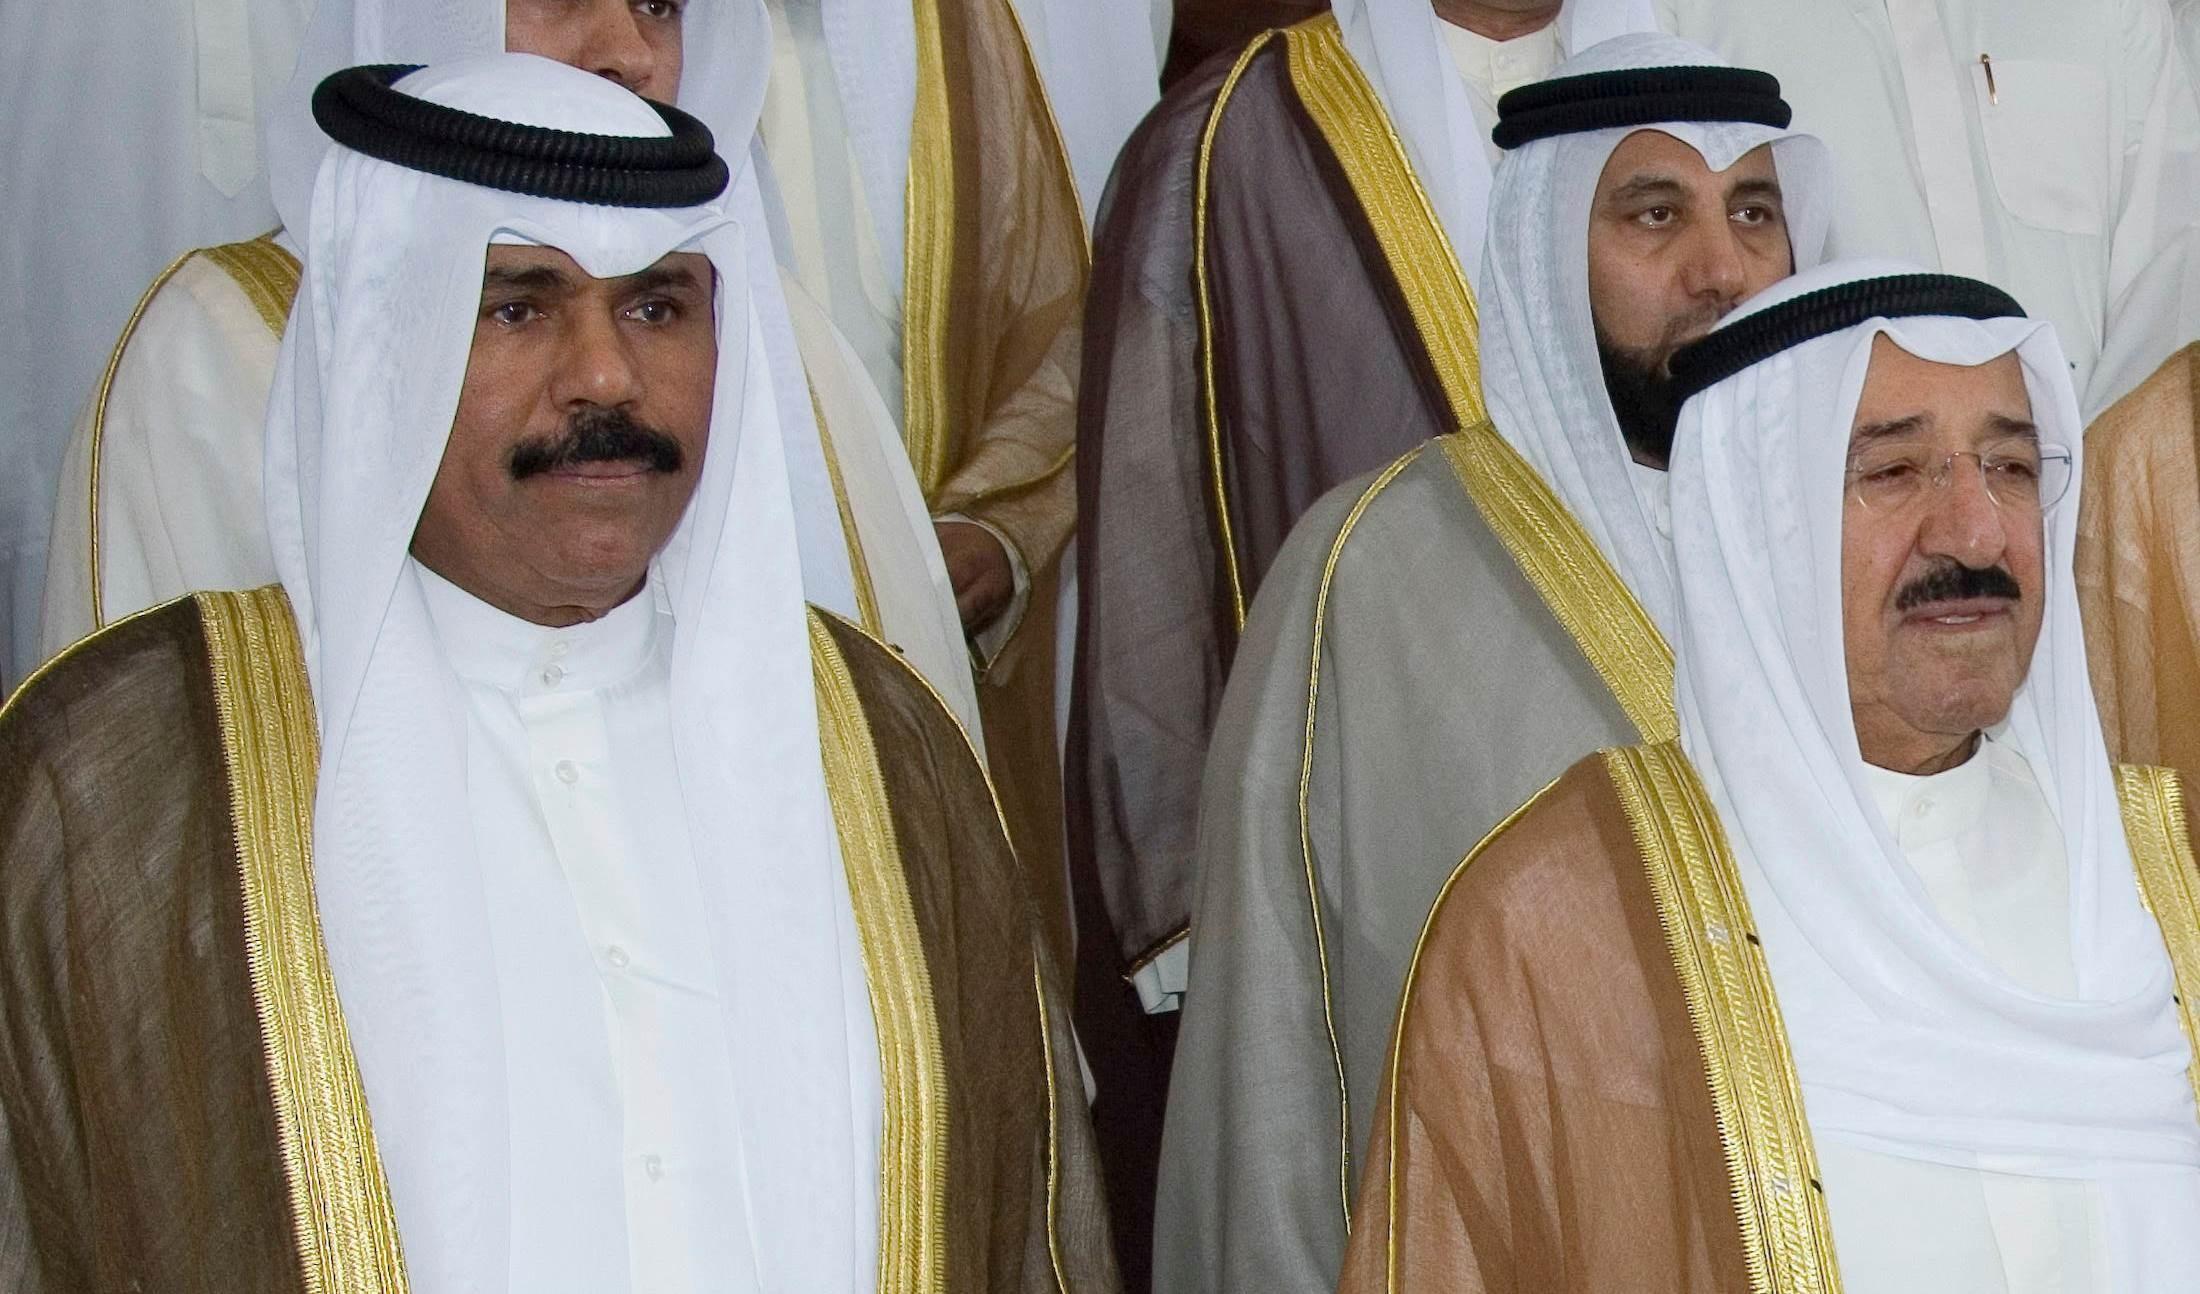 الشيخ نواف الأحمد الجابر (من اليسار) إلى جانب الأمير الراحل الشيخ صباح الأحمد الجابر الصباح في صورة من الأرشيف.إسرائيل